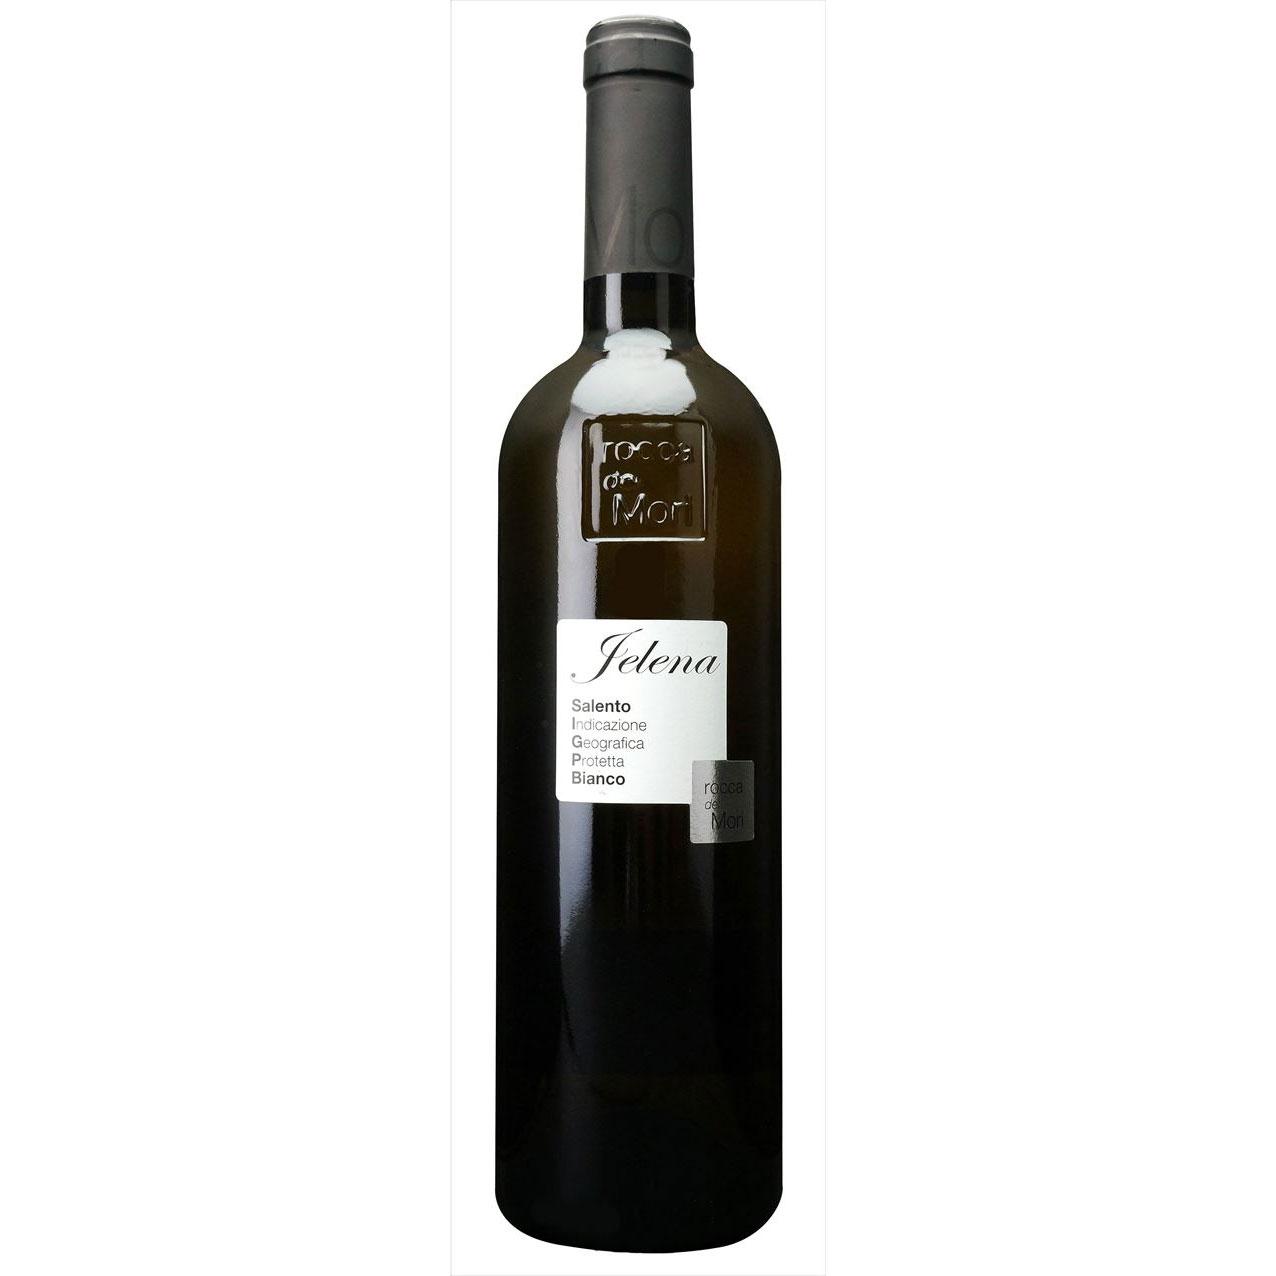 父の日 プレゼント ギフト サレント ビアンコ エレナ ロッカ デイ モリ 白 750ml 12本 イタリア プーリア 白ワイン 送料無料 コンビニ受取対応商品 ヴィンテージ管理しておりません、変わる場合があります ラッキーシール対応